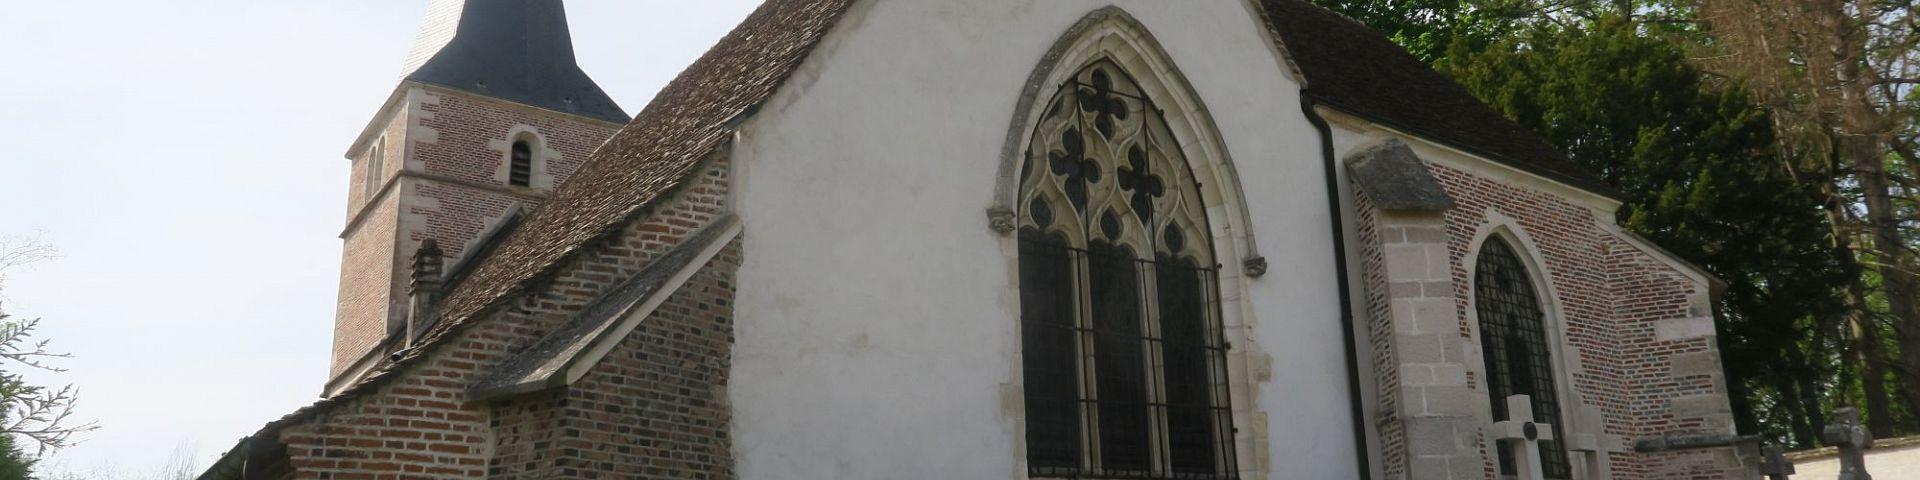 Auvillars-sur-Saône - Eglise Sainte-Madeleine (21)